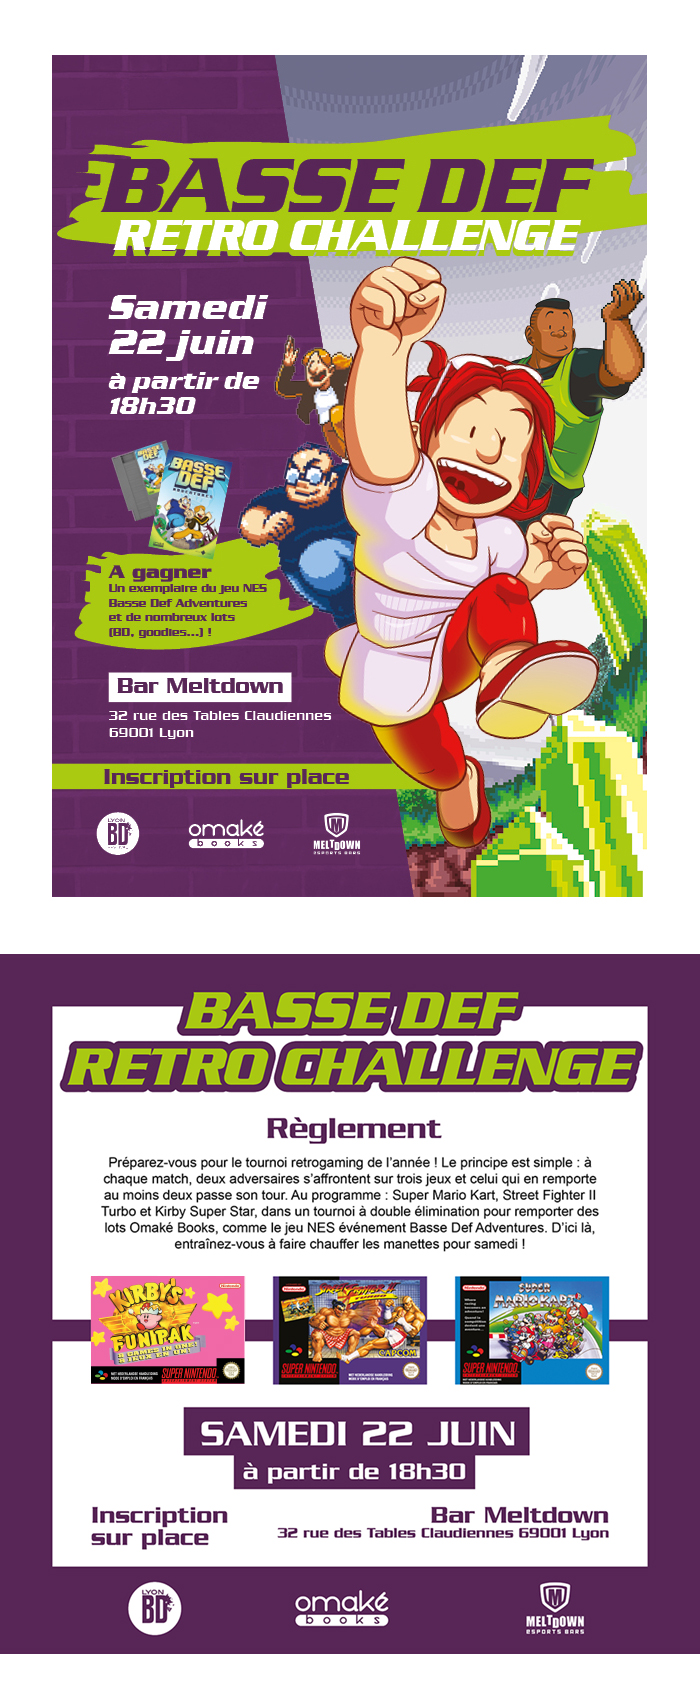 Basse Def Retro Challenge